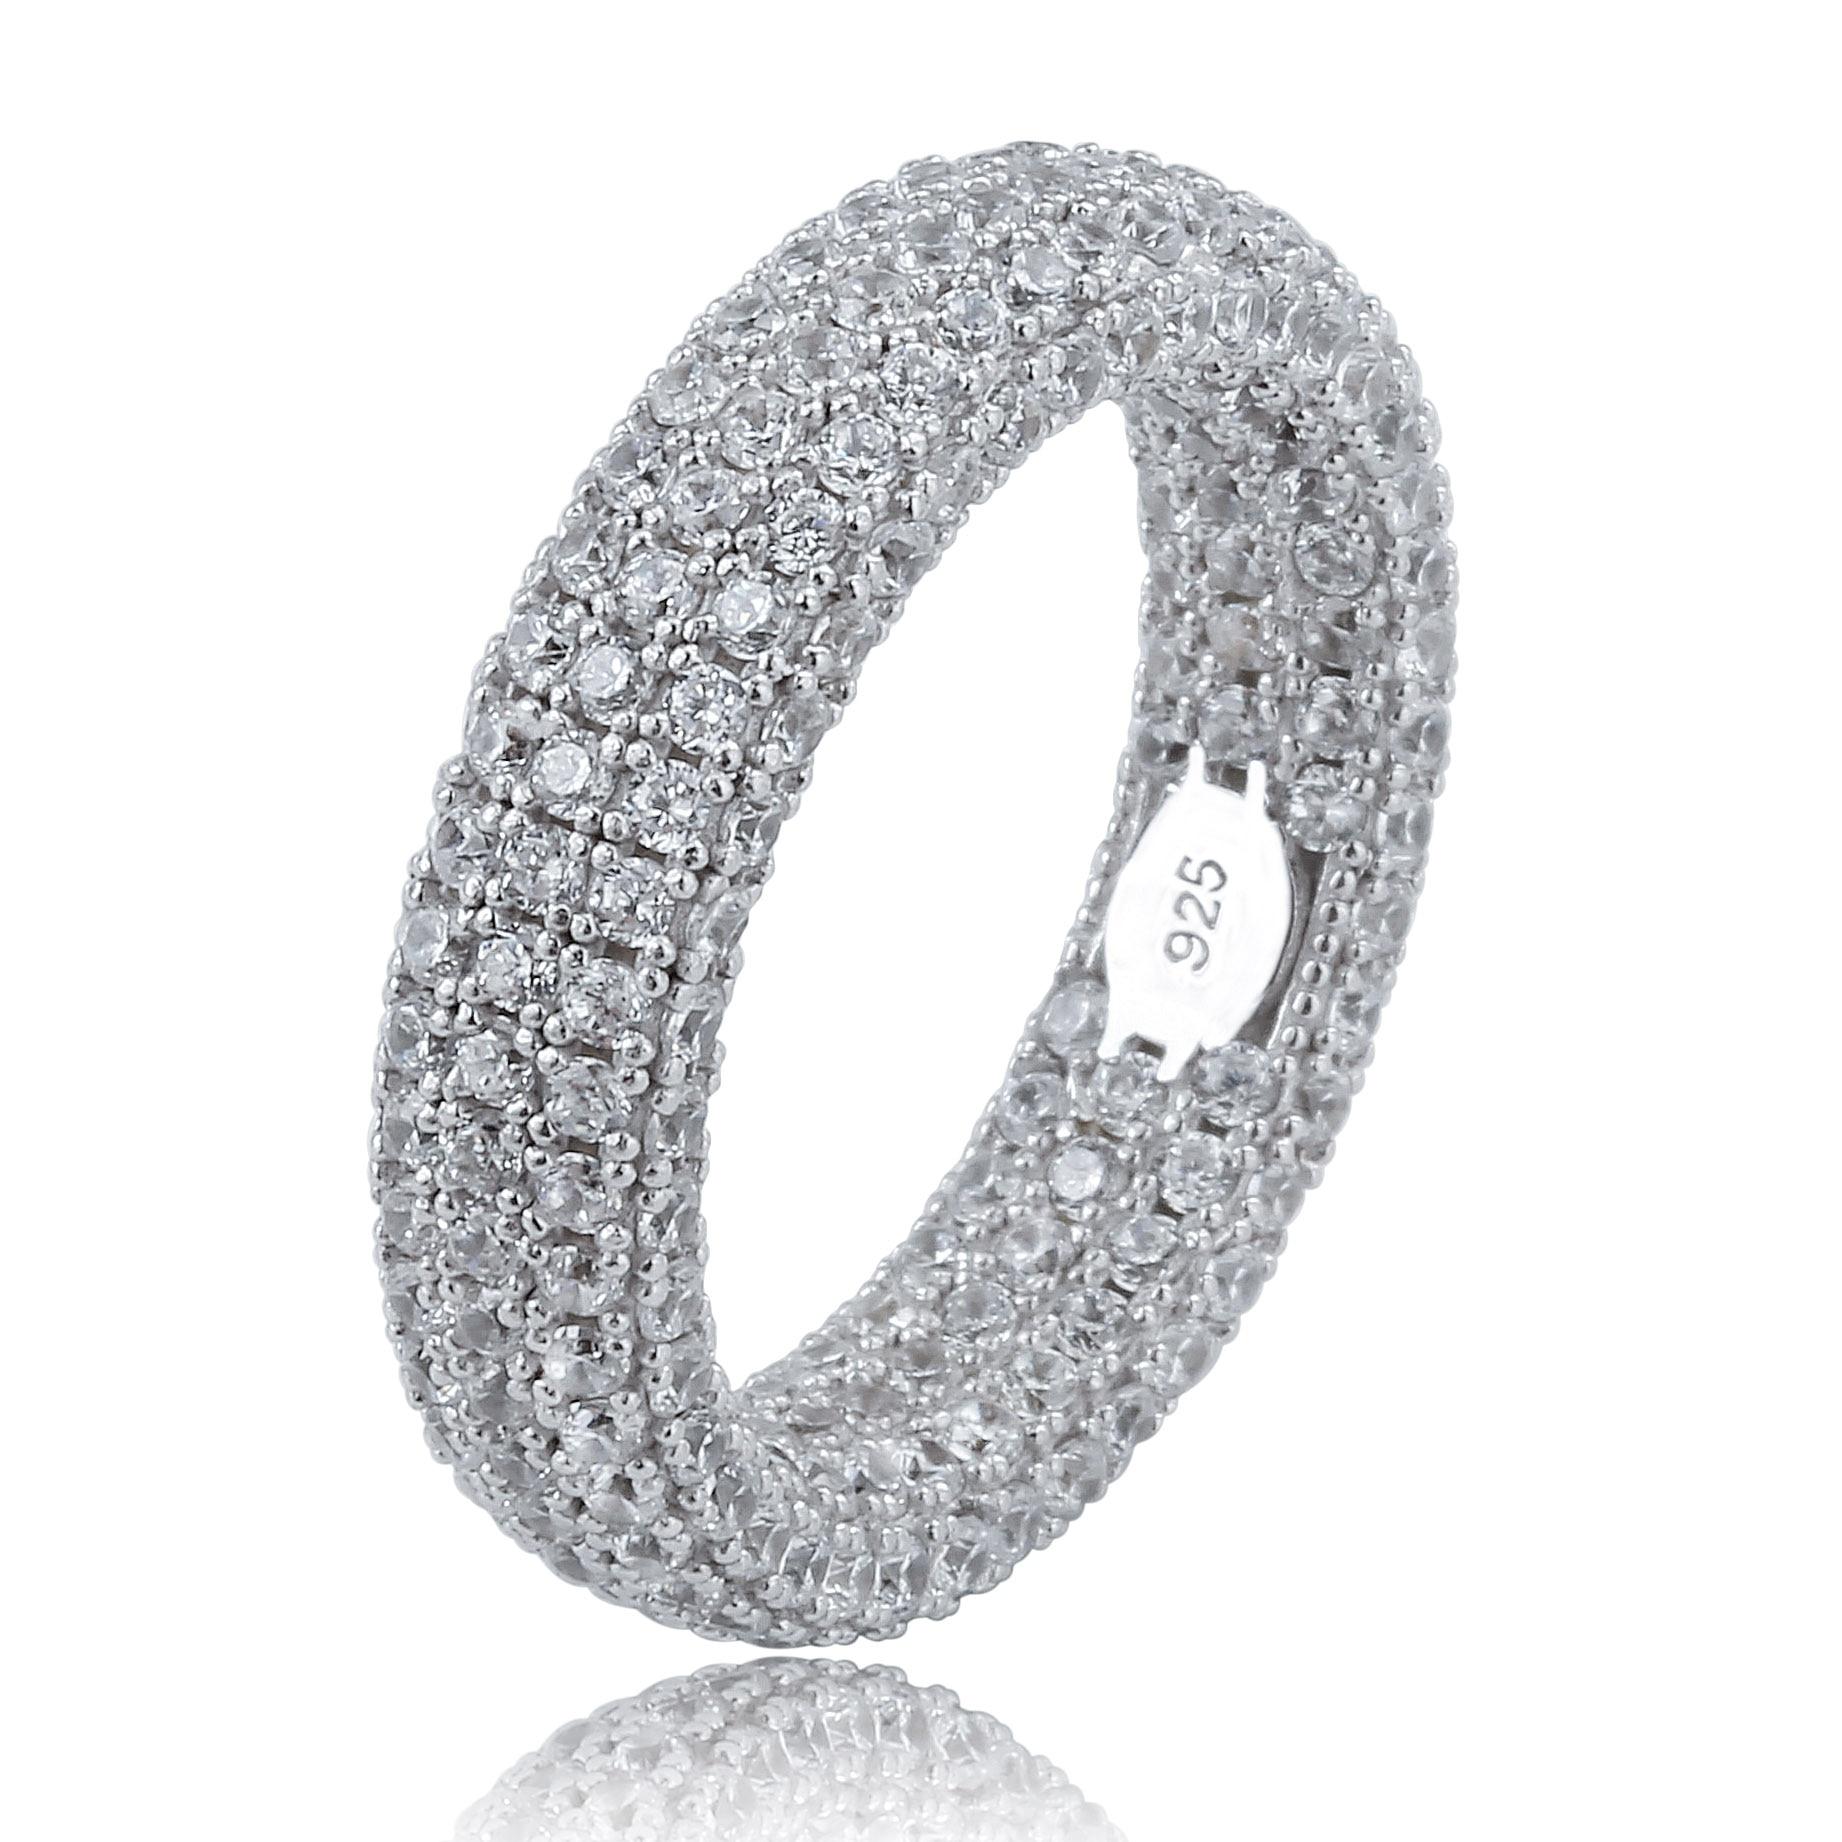 Лучшее качество, 925 пробы Серебряное кольцо с штампом, полностью покрытое льдом кубического циркония, мужские и женские обручальные кольца, очаровательные ювелирные изделия для подарков-in Кольца from Украшения и аксессуары